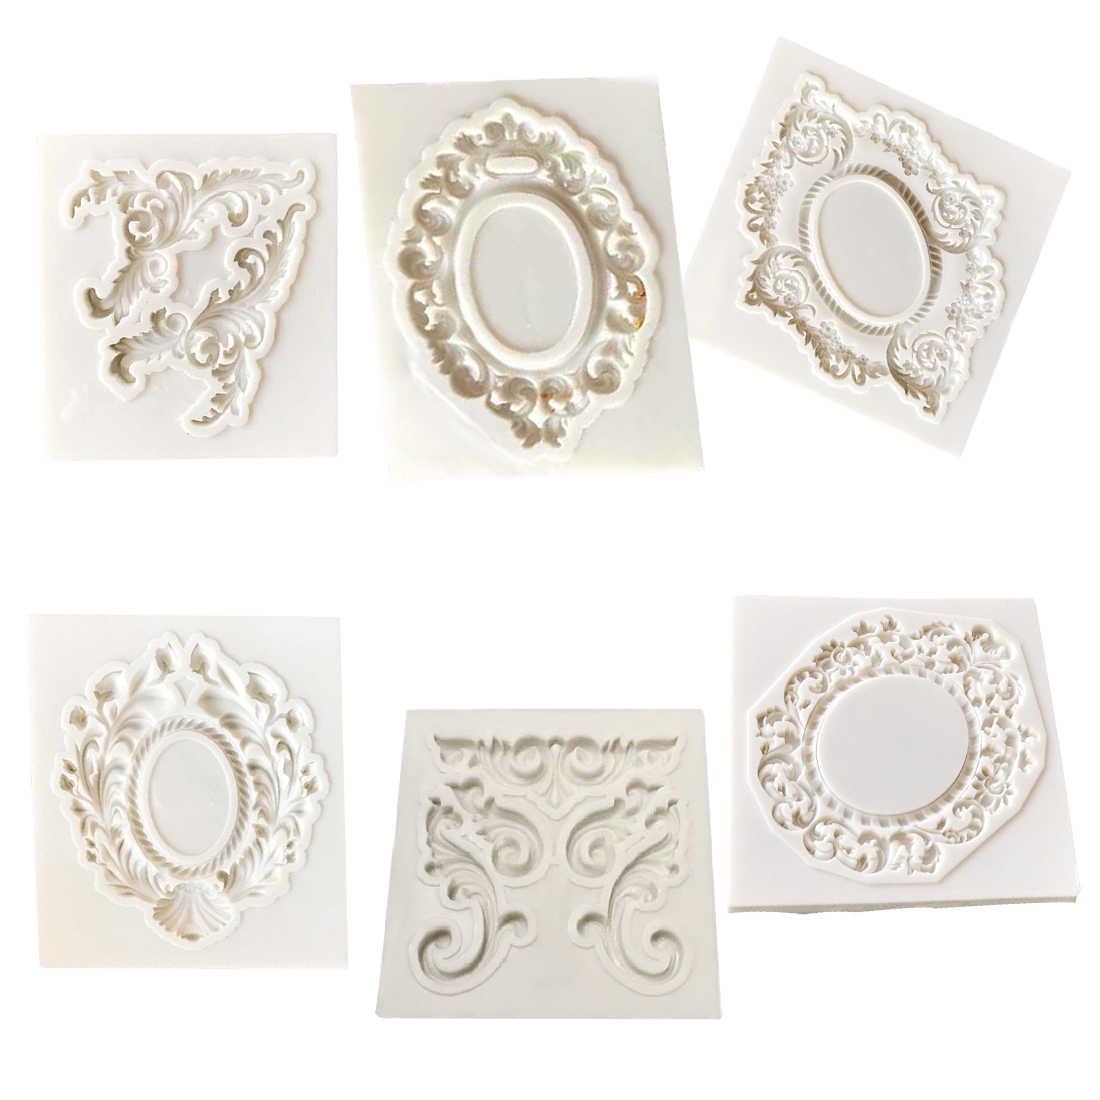 Силиконовая форма 1 шт. формы для выпечки, инструменты для украшения торта, Ретро рамка, шоколад мыло, формы для выпечки, кухонные инструменты